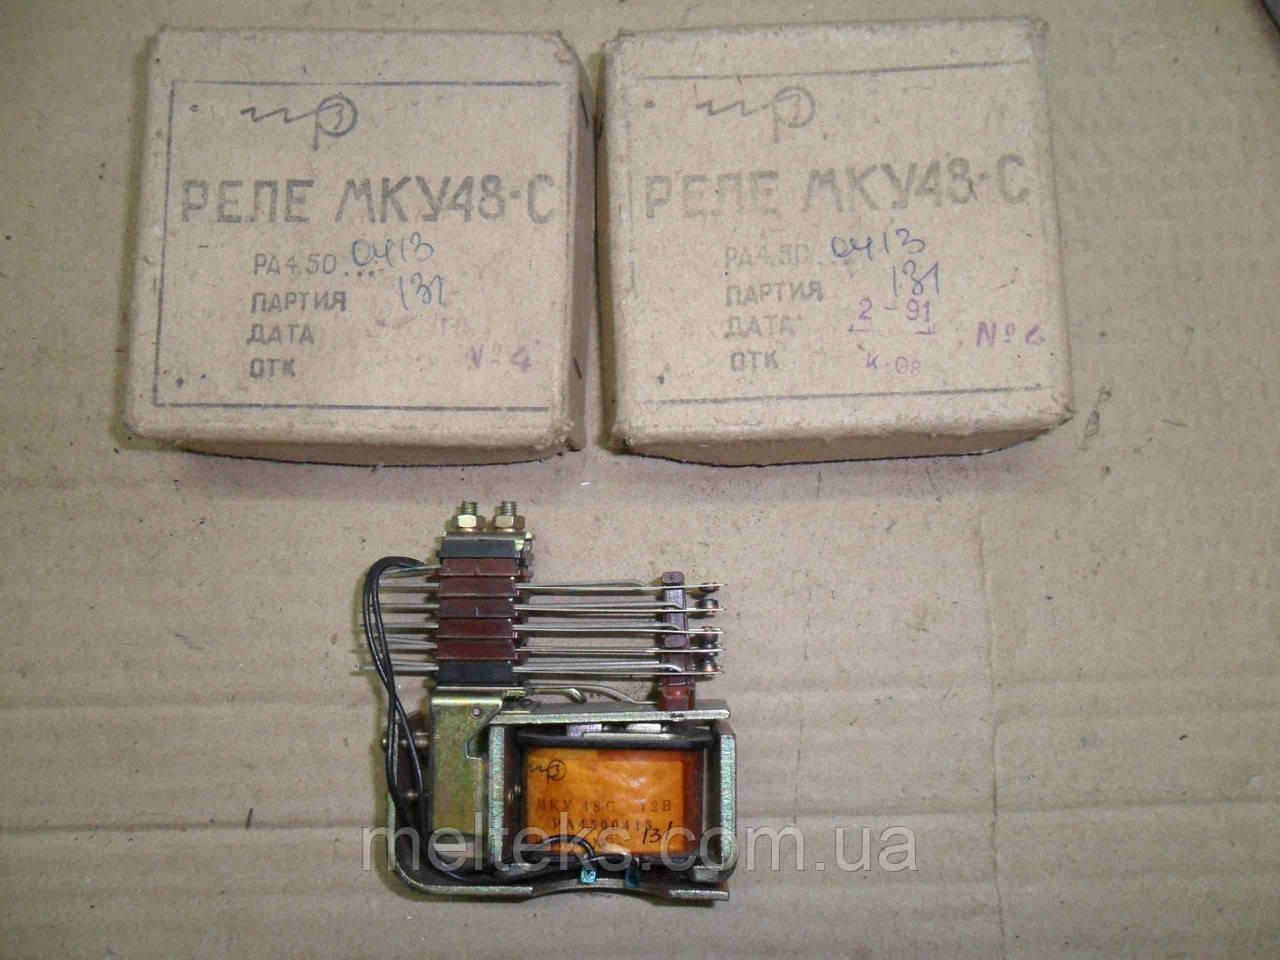 Реле МКУ-48 СРА4.500.413 на 12В